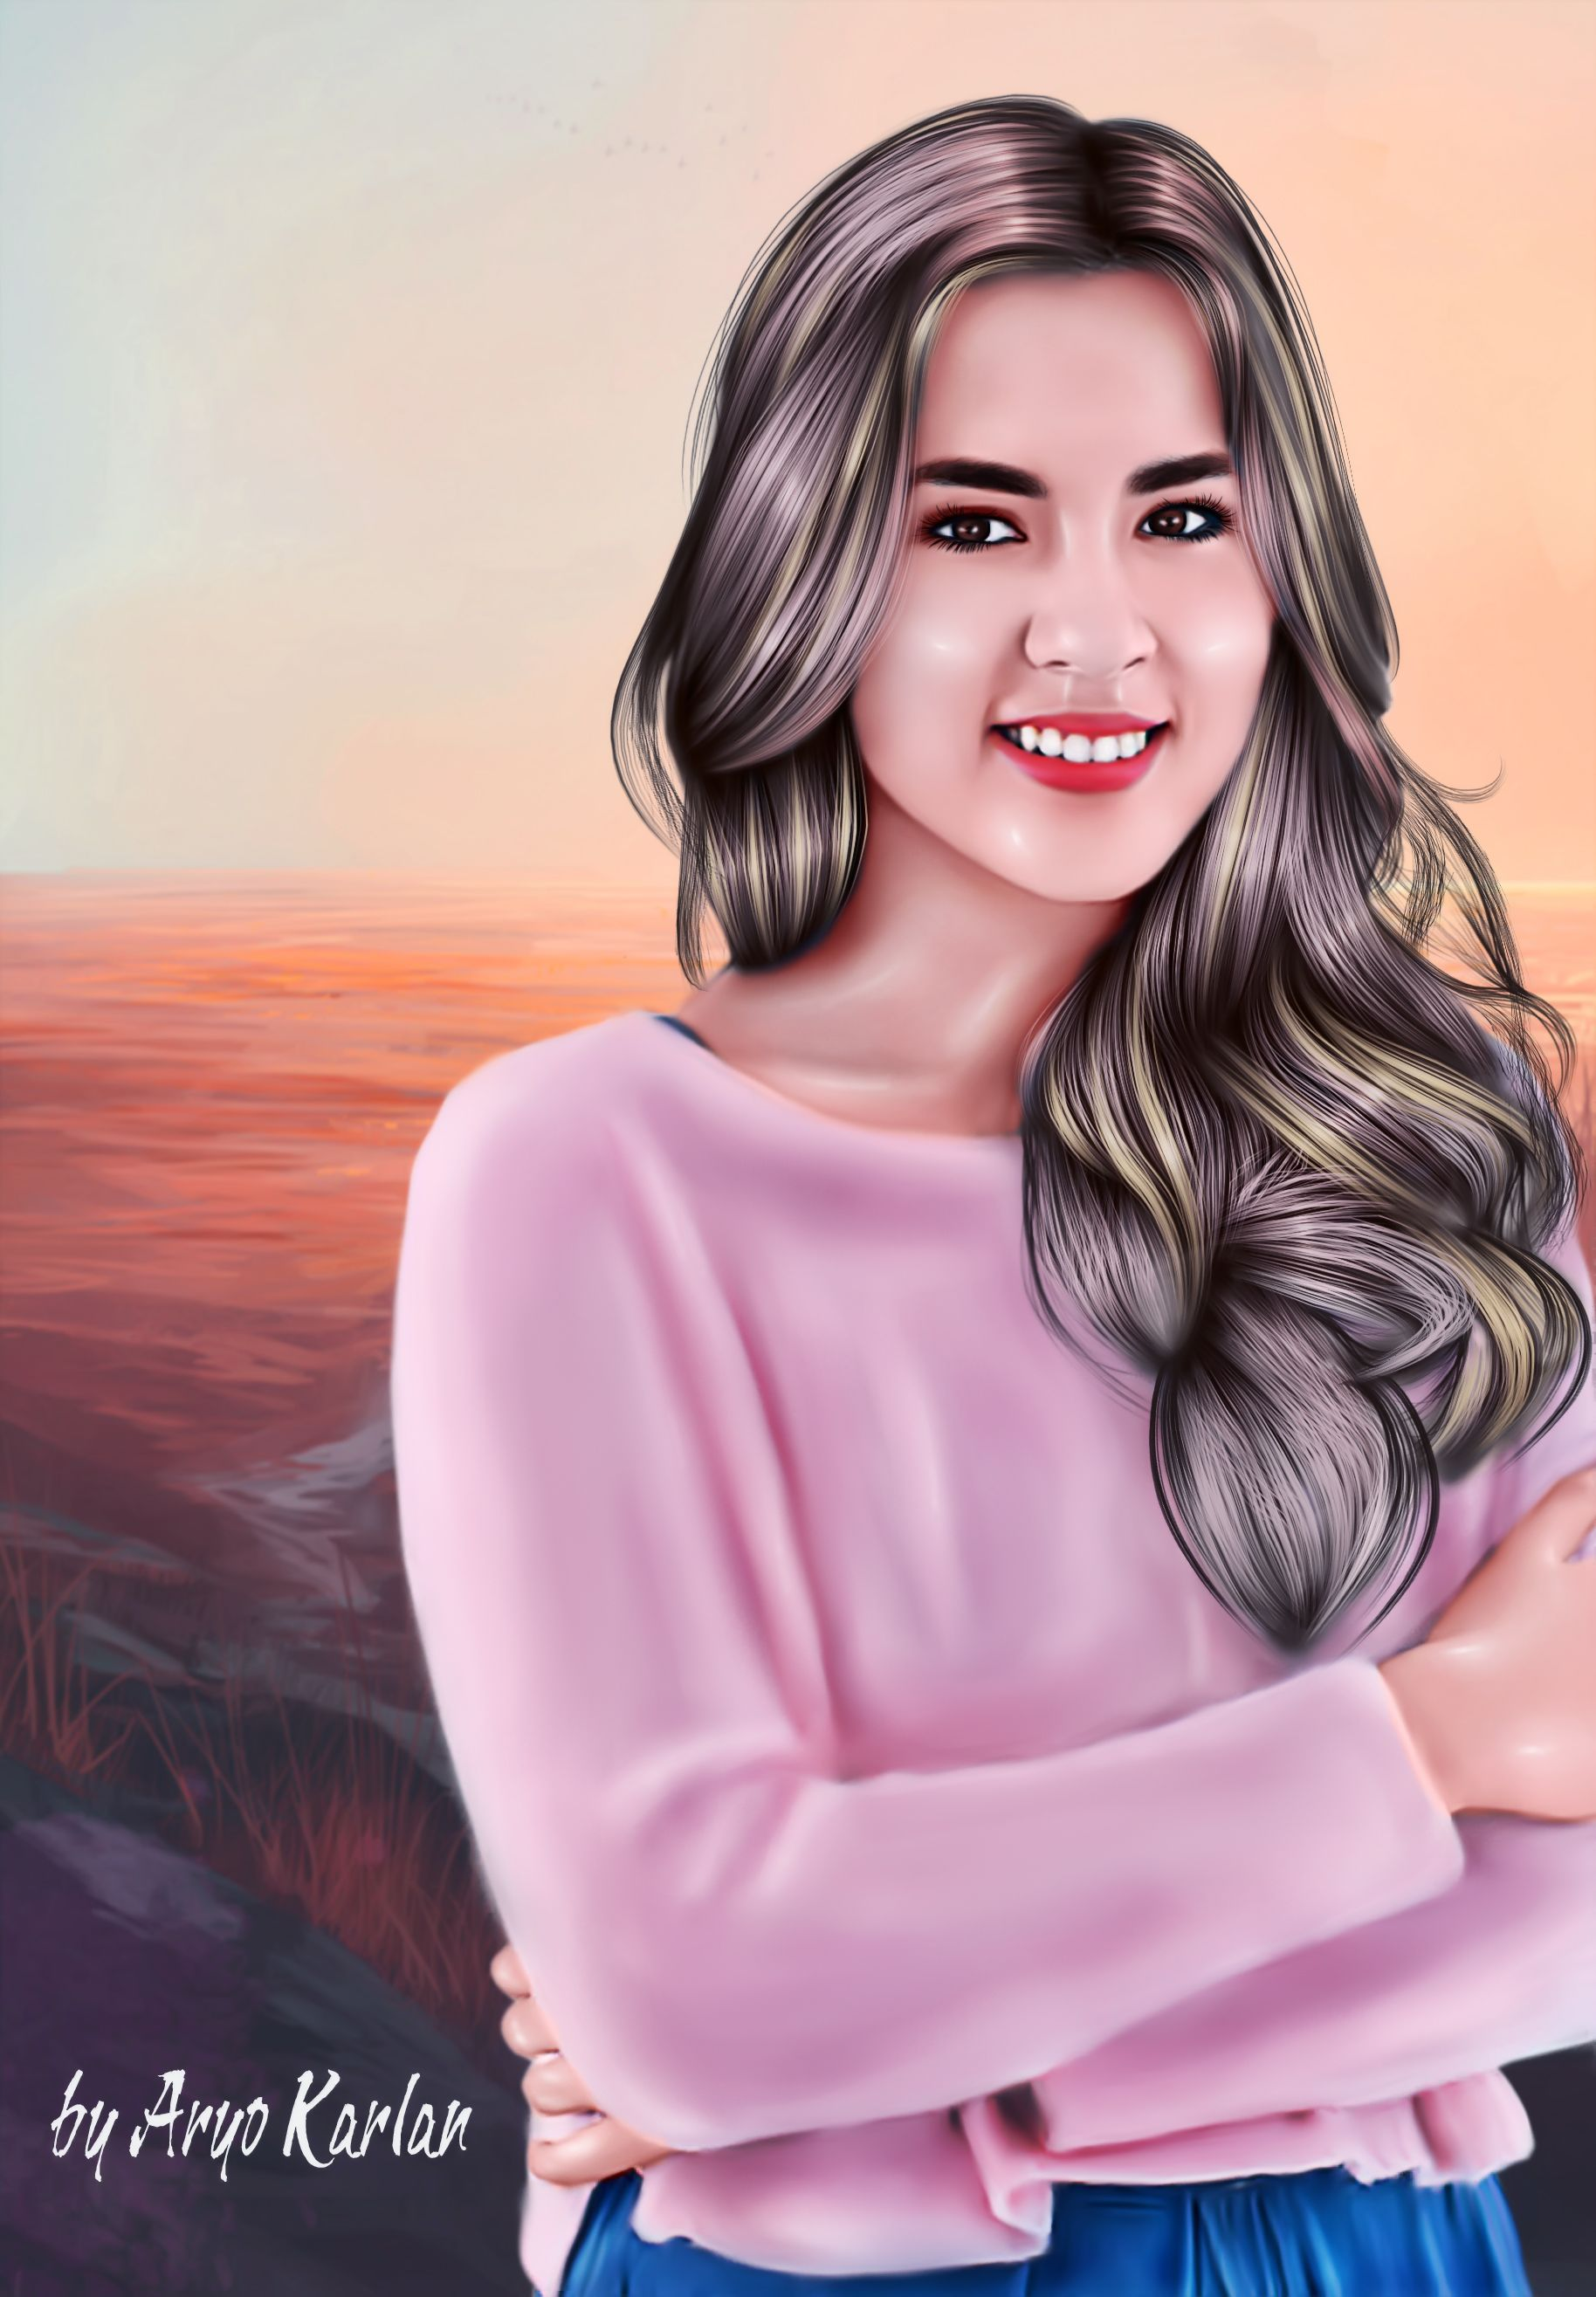 Pin oleh Aapsmoveon di Wanita (Dengan gambar) Lukisan